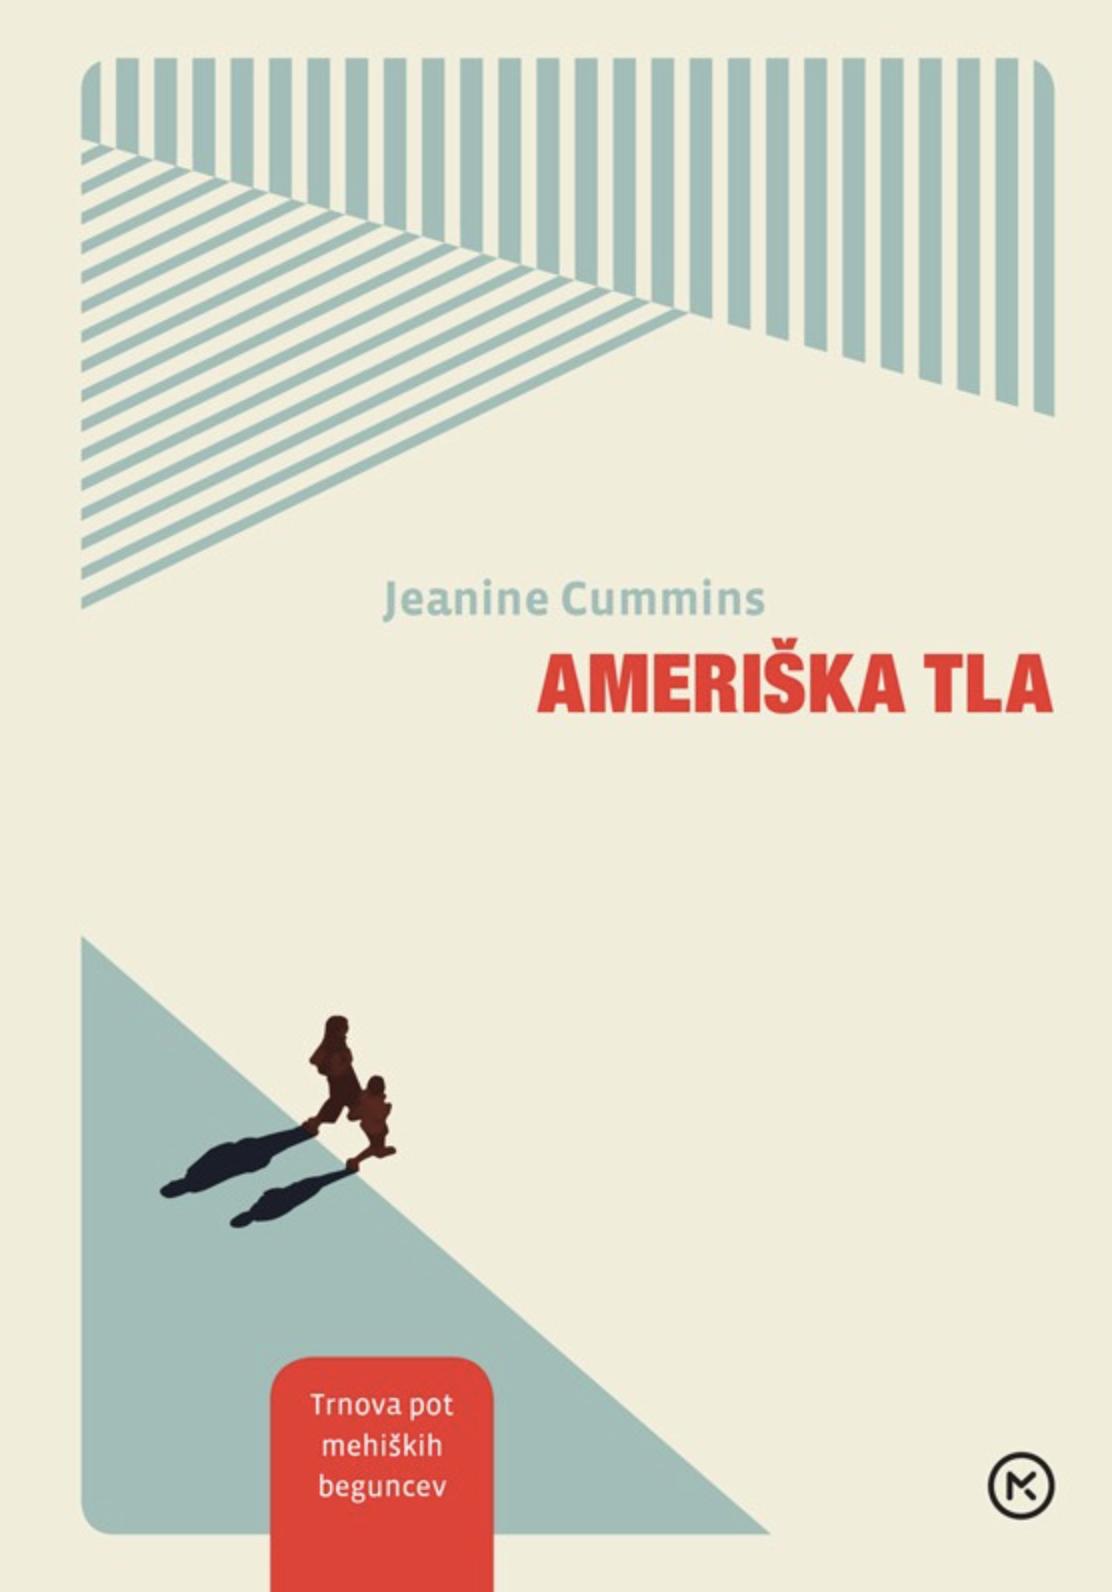 Ameriška tla Jeanine Cummins